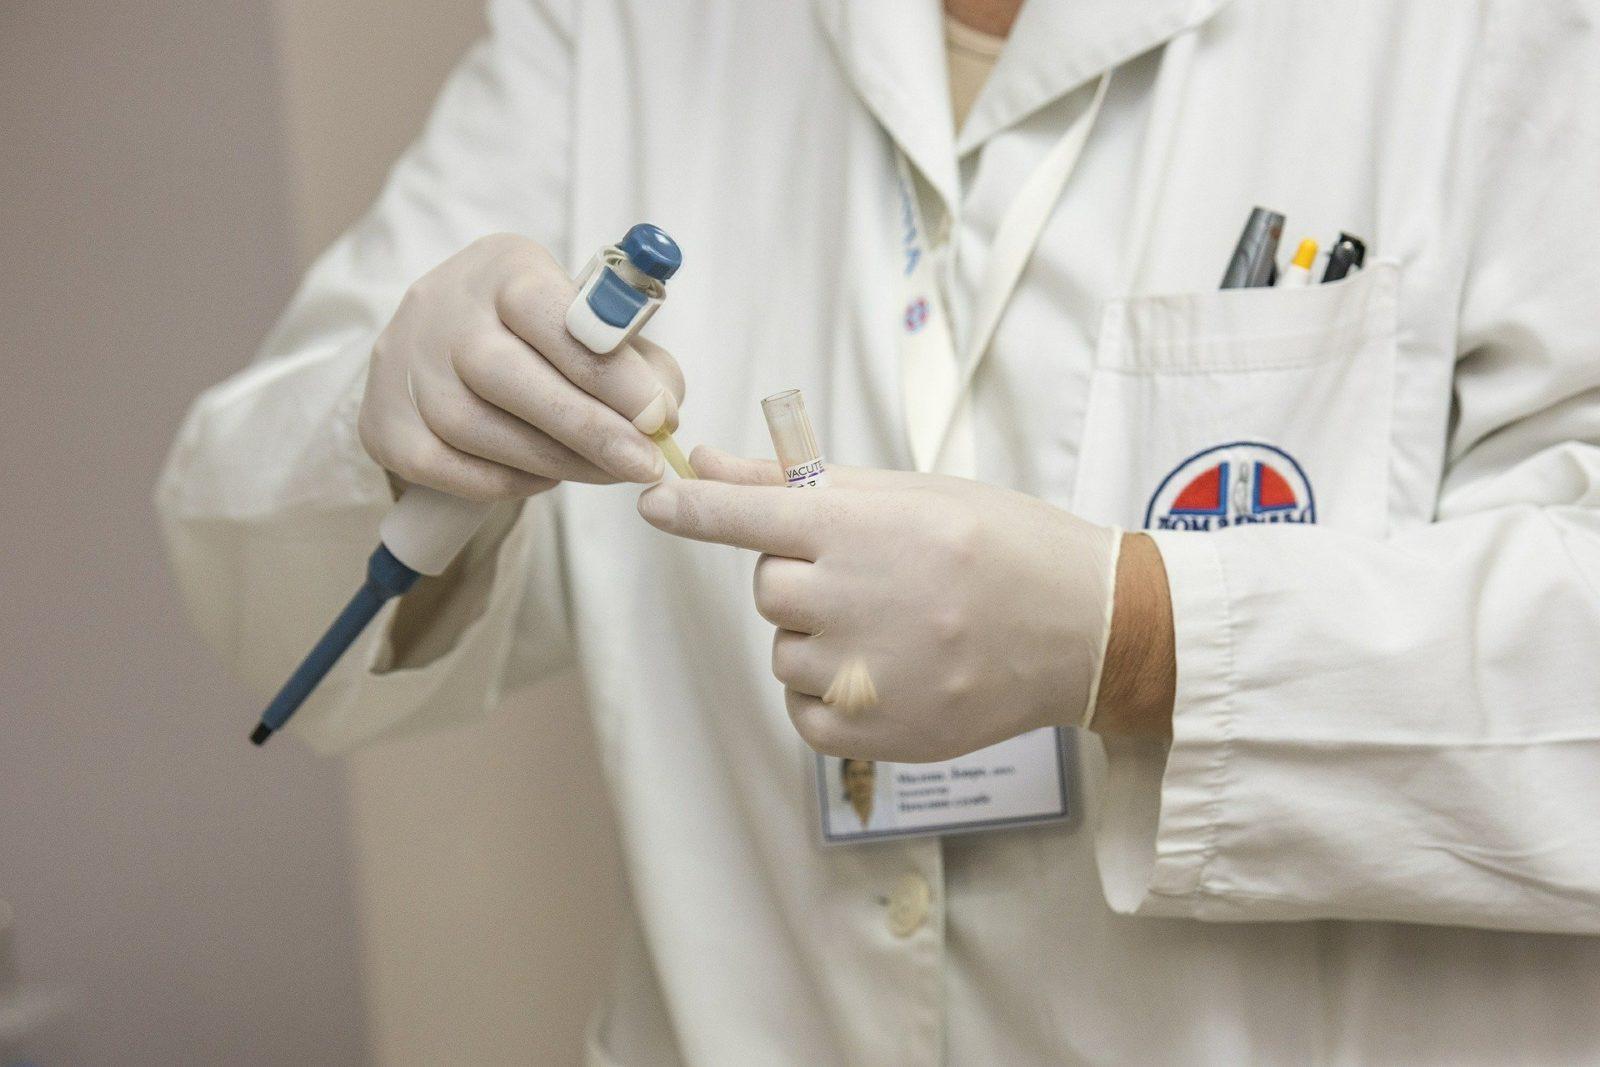 ארגון רופאים למען זכויות אדם נגד נוהל הסכמה מדעת